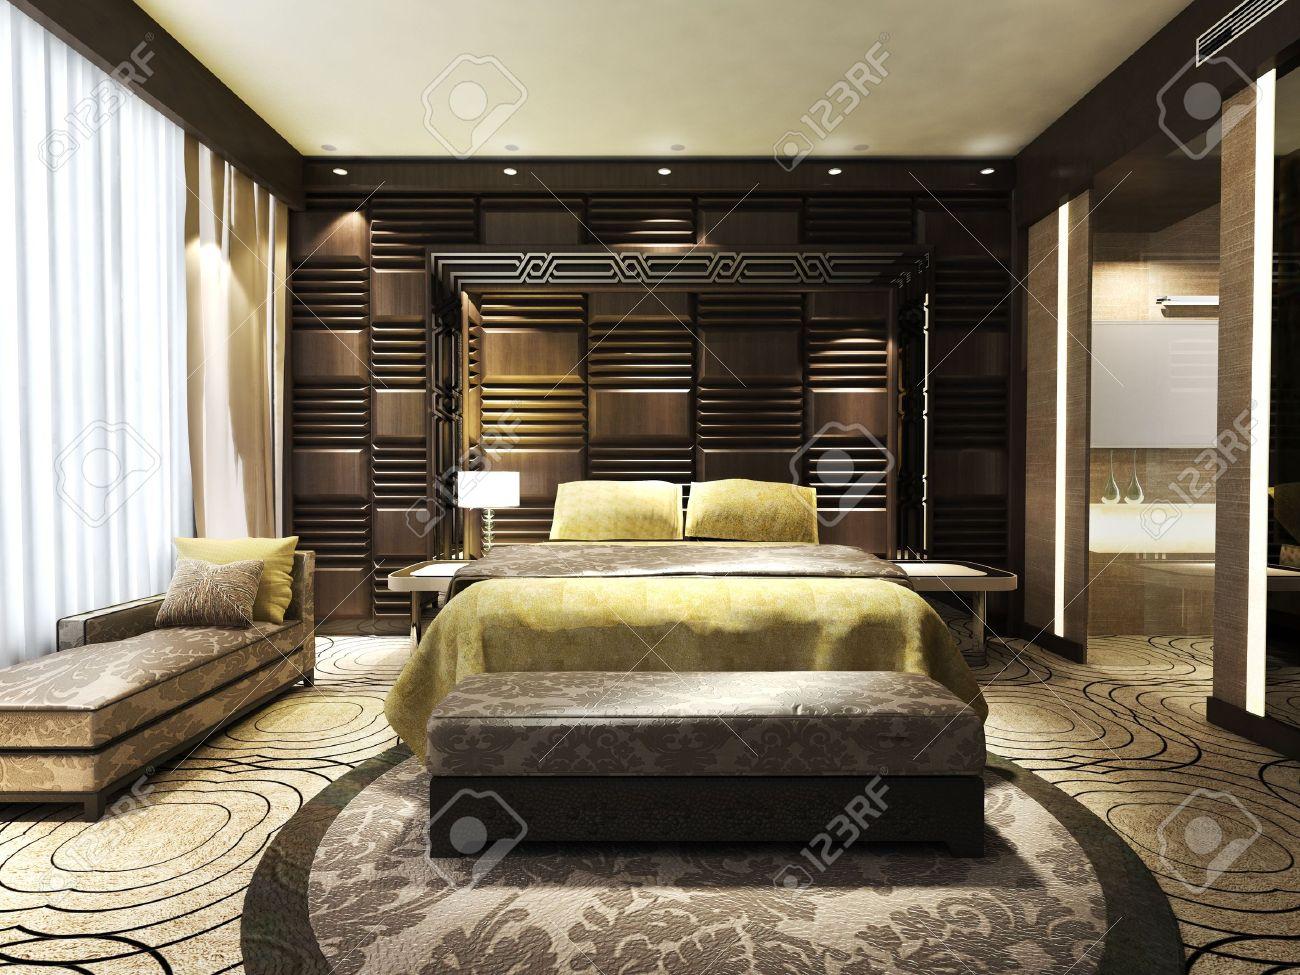 Chambre à Coucher Moderne Des Résidences Ou Hôtels De Style ...